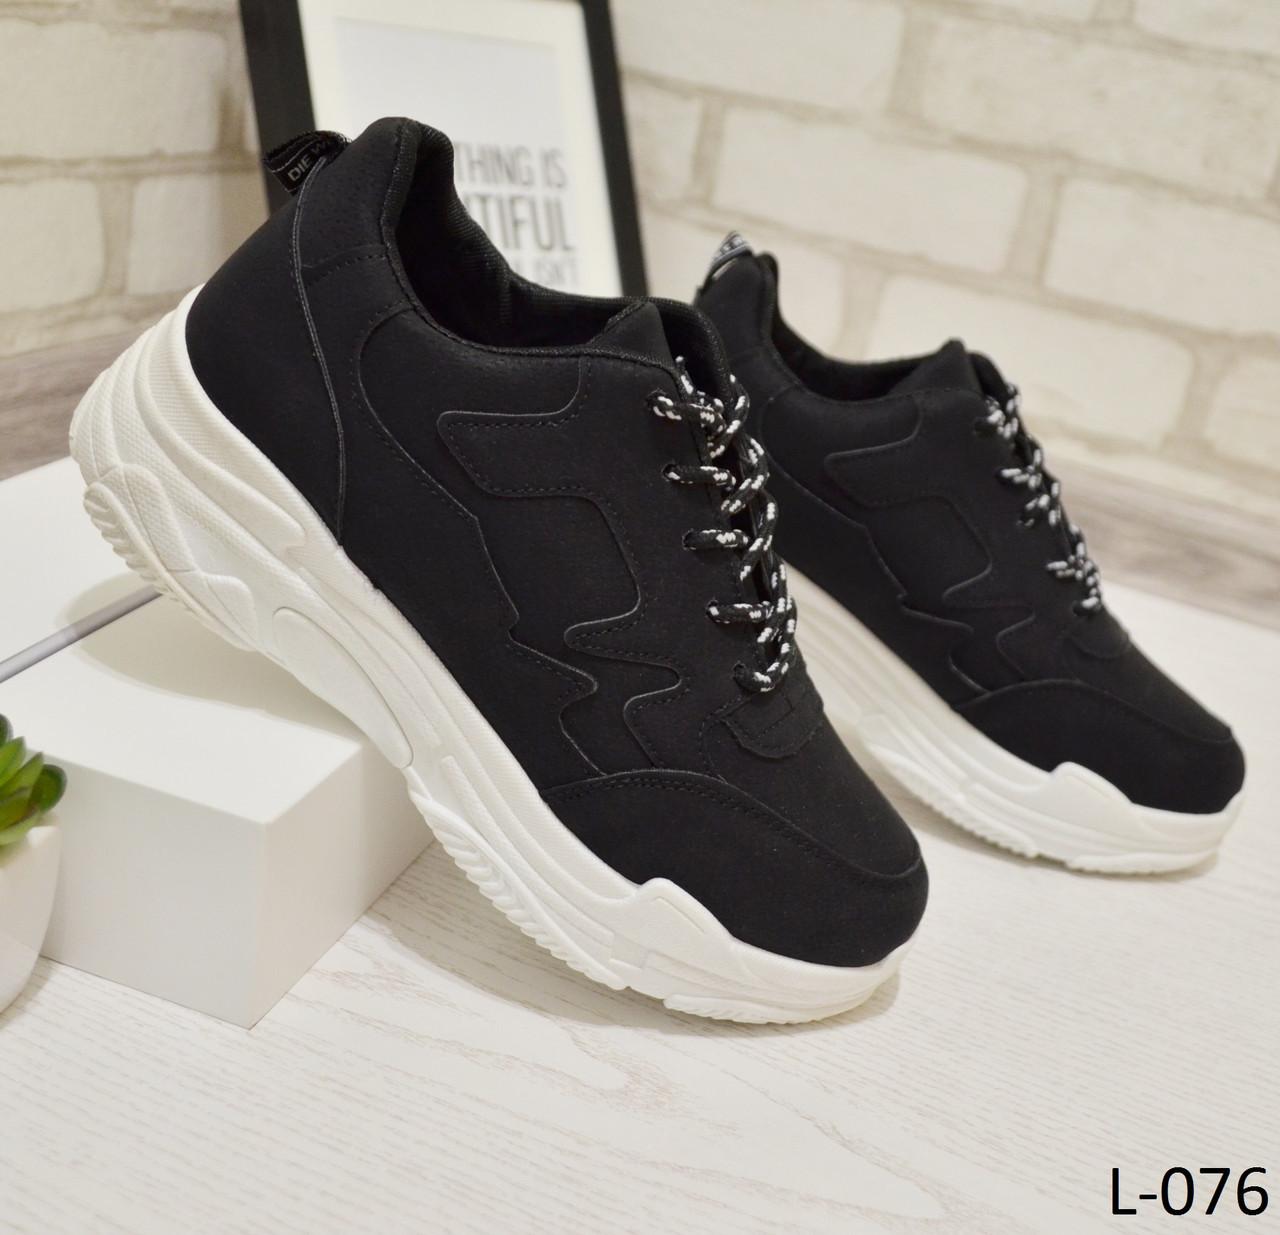 24 см Кроссовки женские черные на толстой подошве, толстая подошва, на платформе